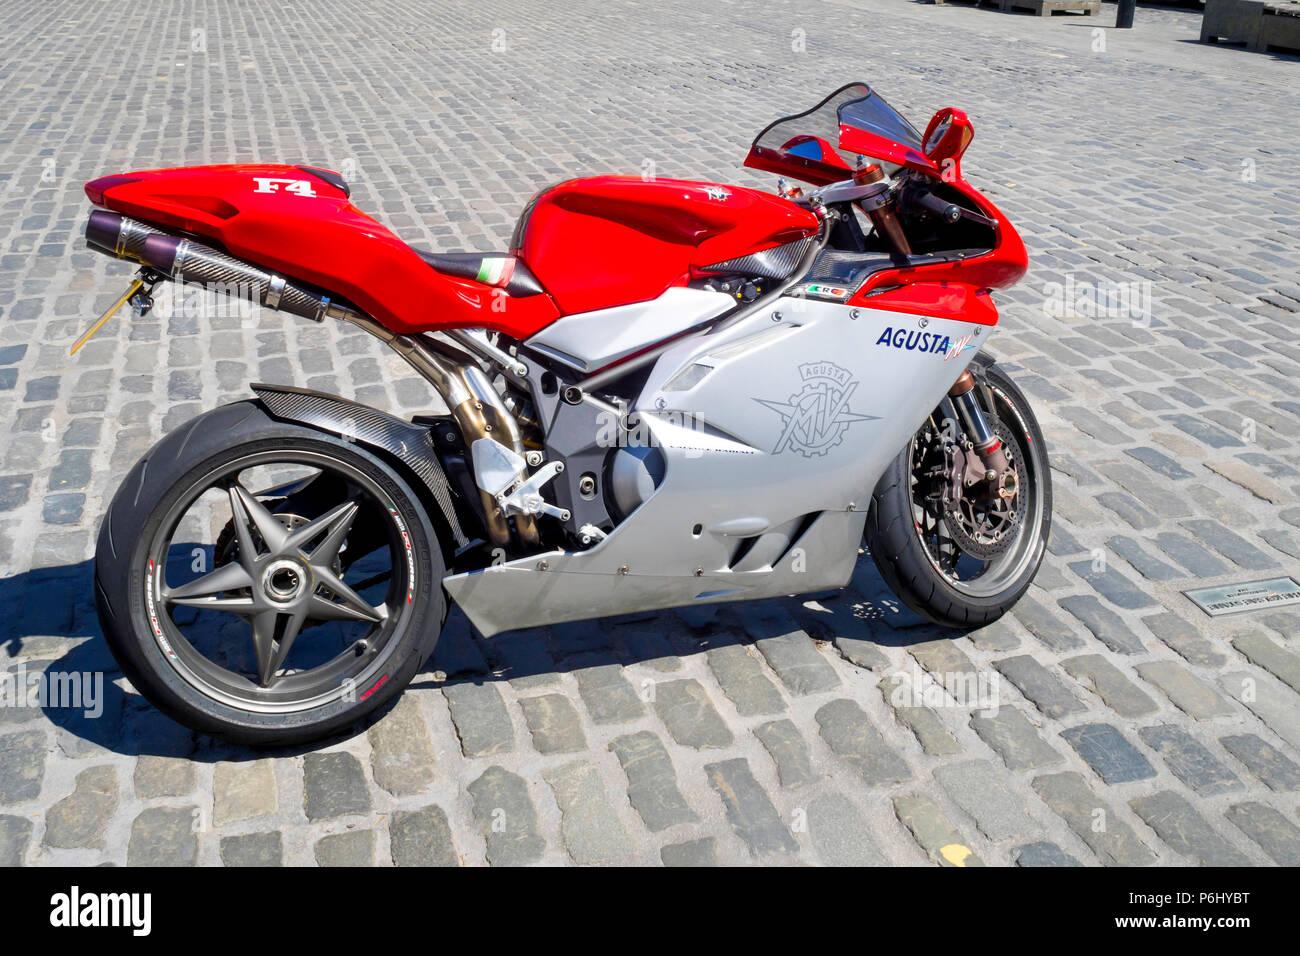 MV AGUSTA F4 moto sport garé sur une place pavée en soleil Banque D'Images